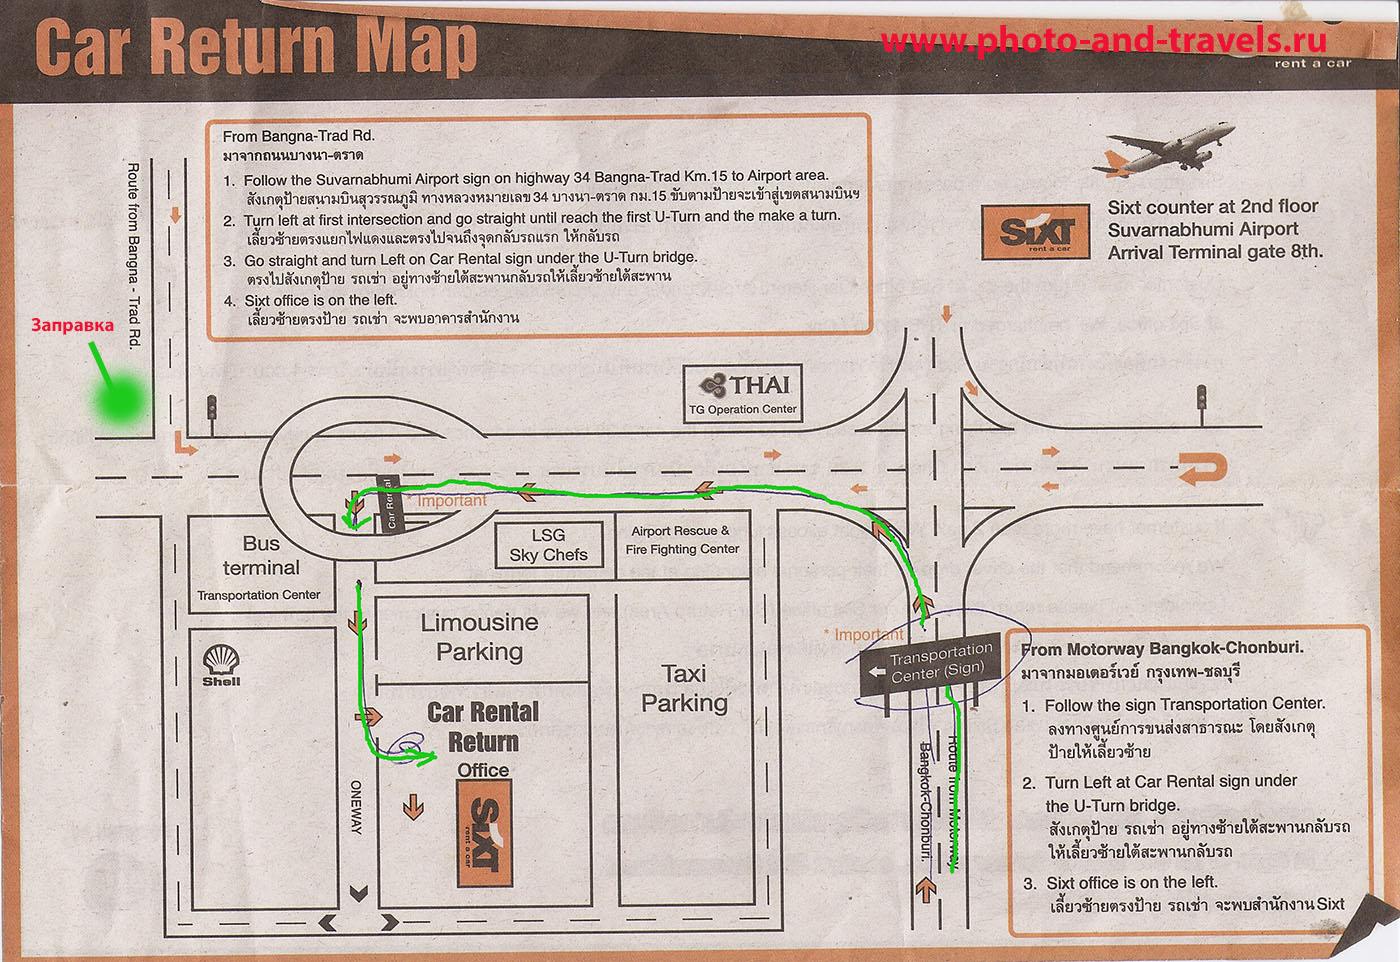 Фото. Аренда машины в Таиланде. Схема с описанием того, как добраться до пункта сдачи автомобилей Sixt в аэропорту Бангкока